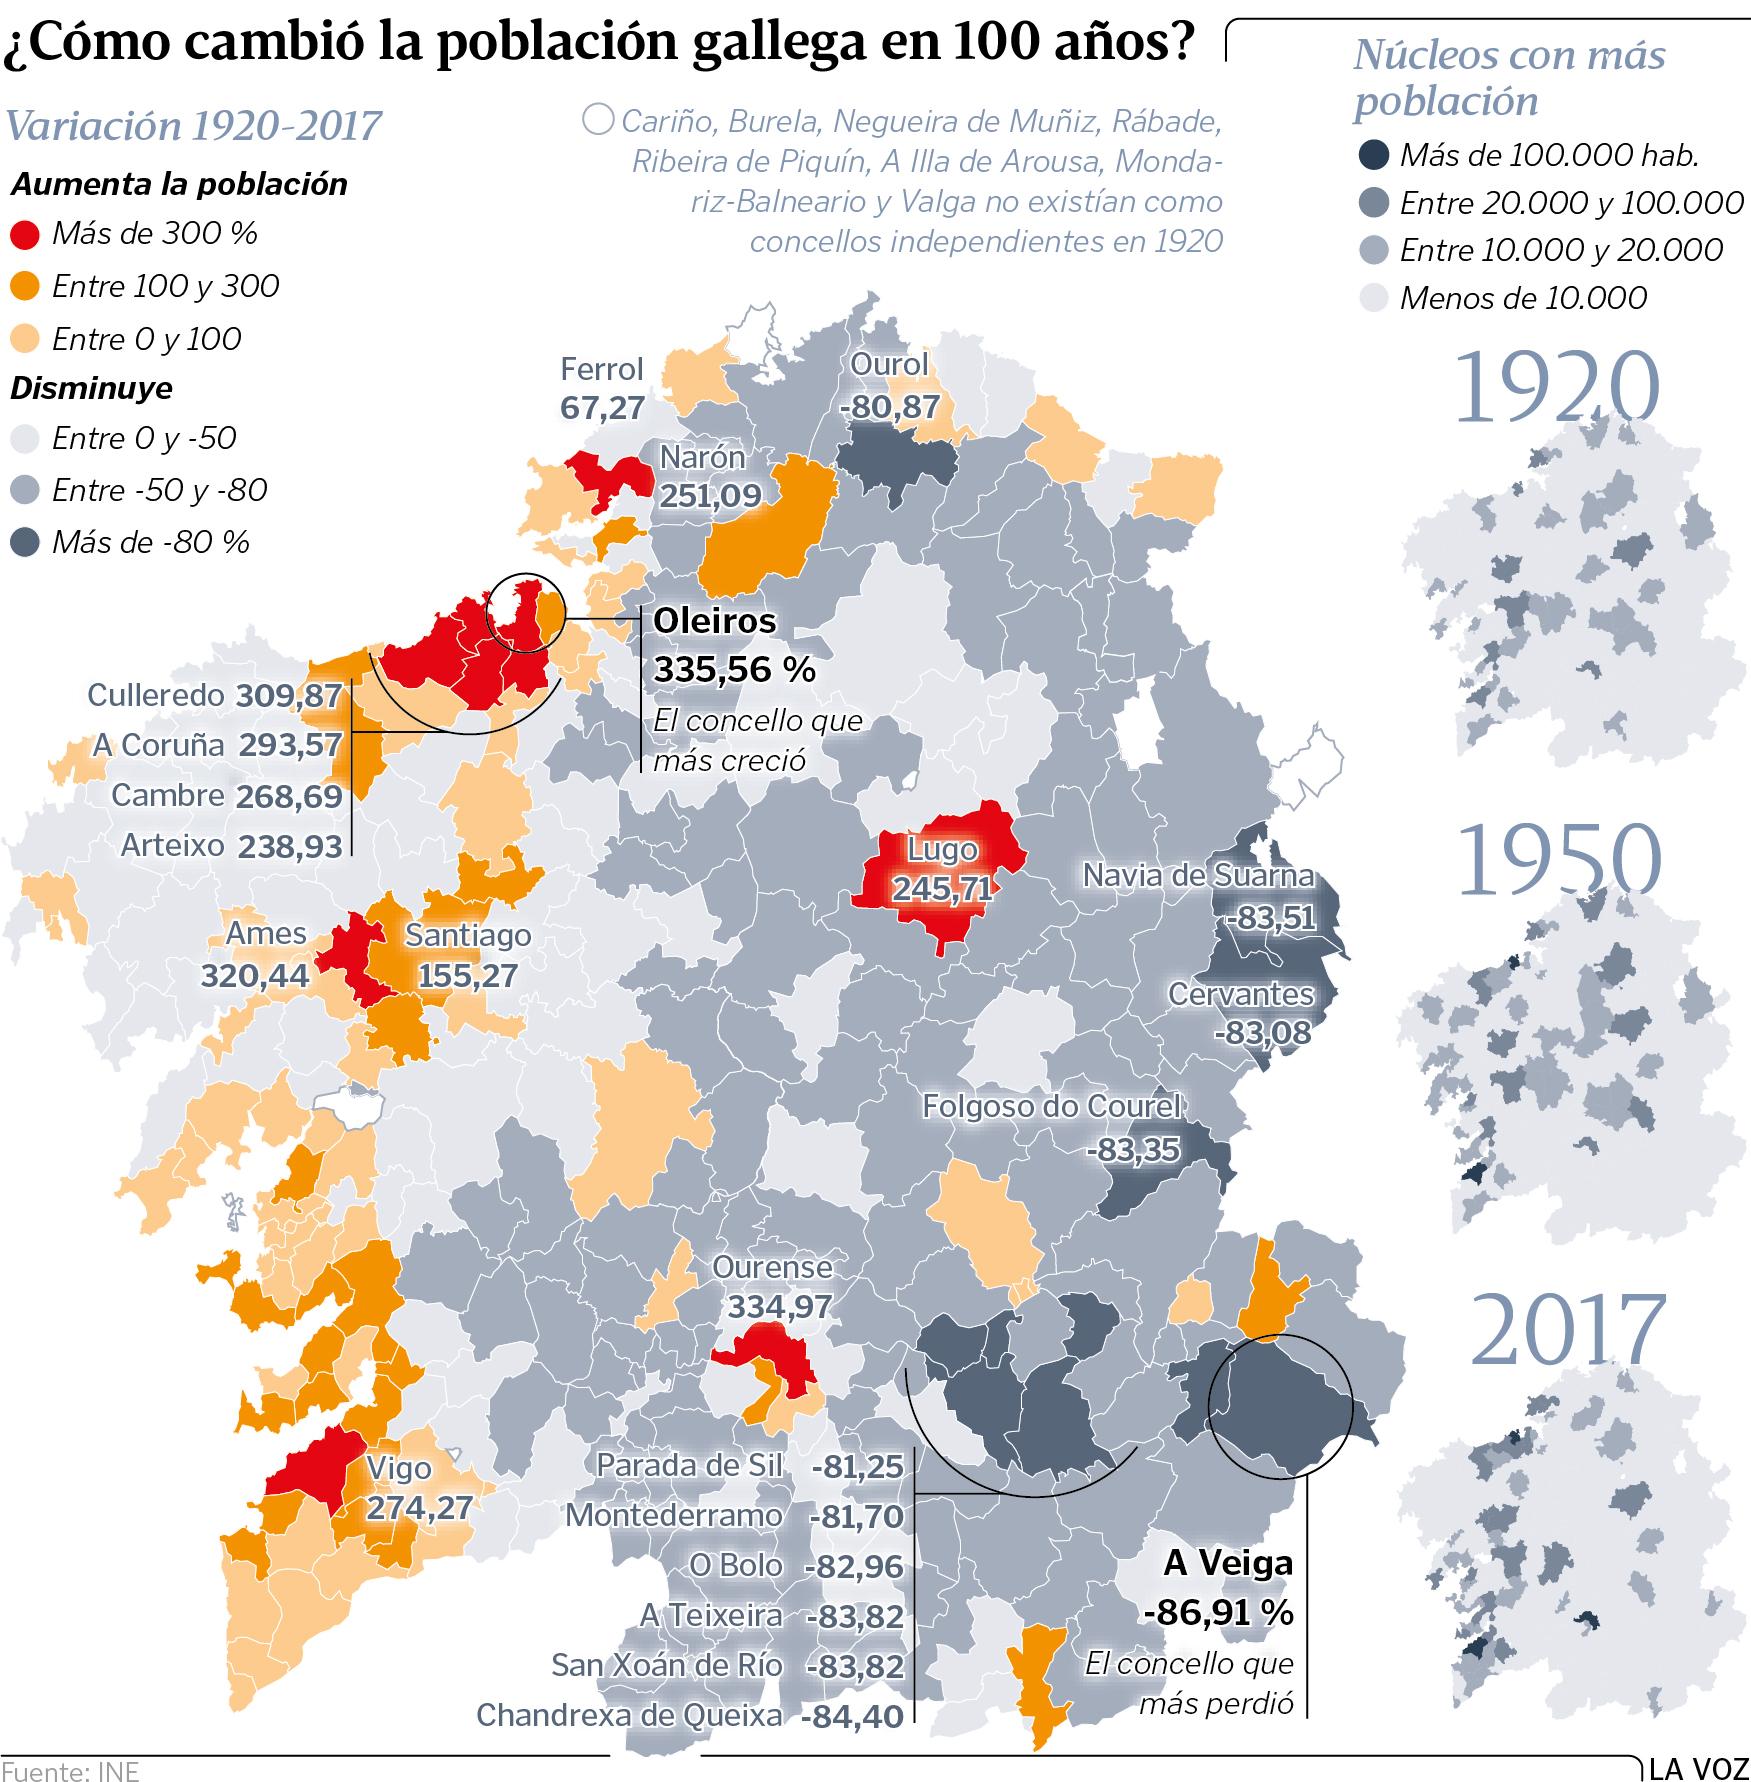 Galiza, demografía: Despoblamiento rural, más de 200.000 casas deshabitadas. - Página 3 Ga23p4g1-01